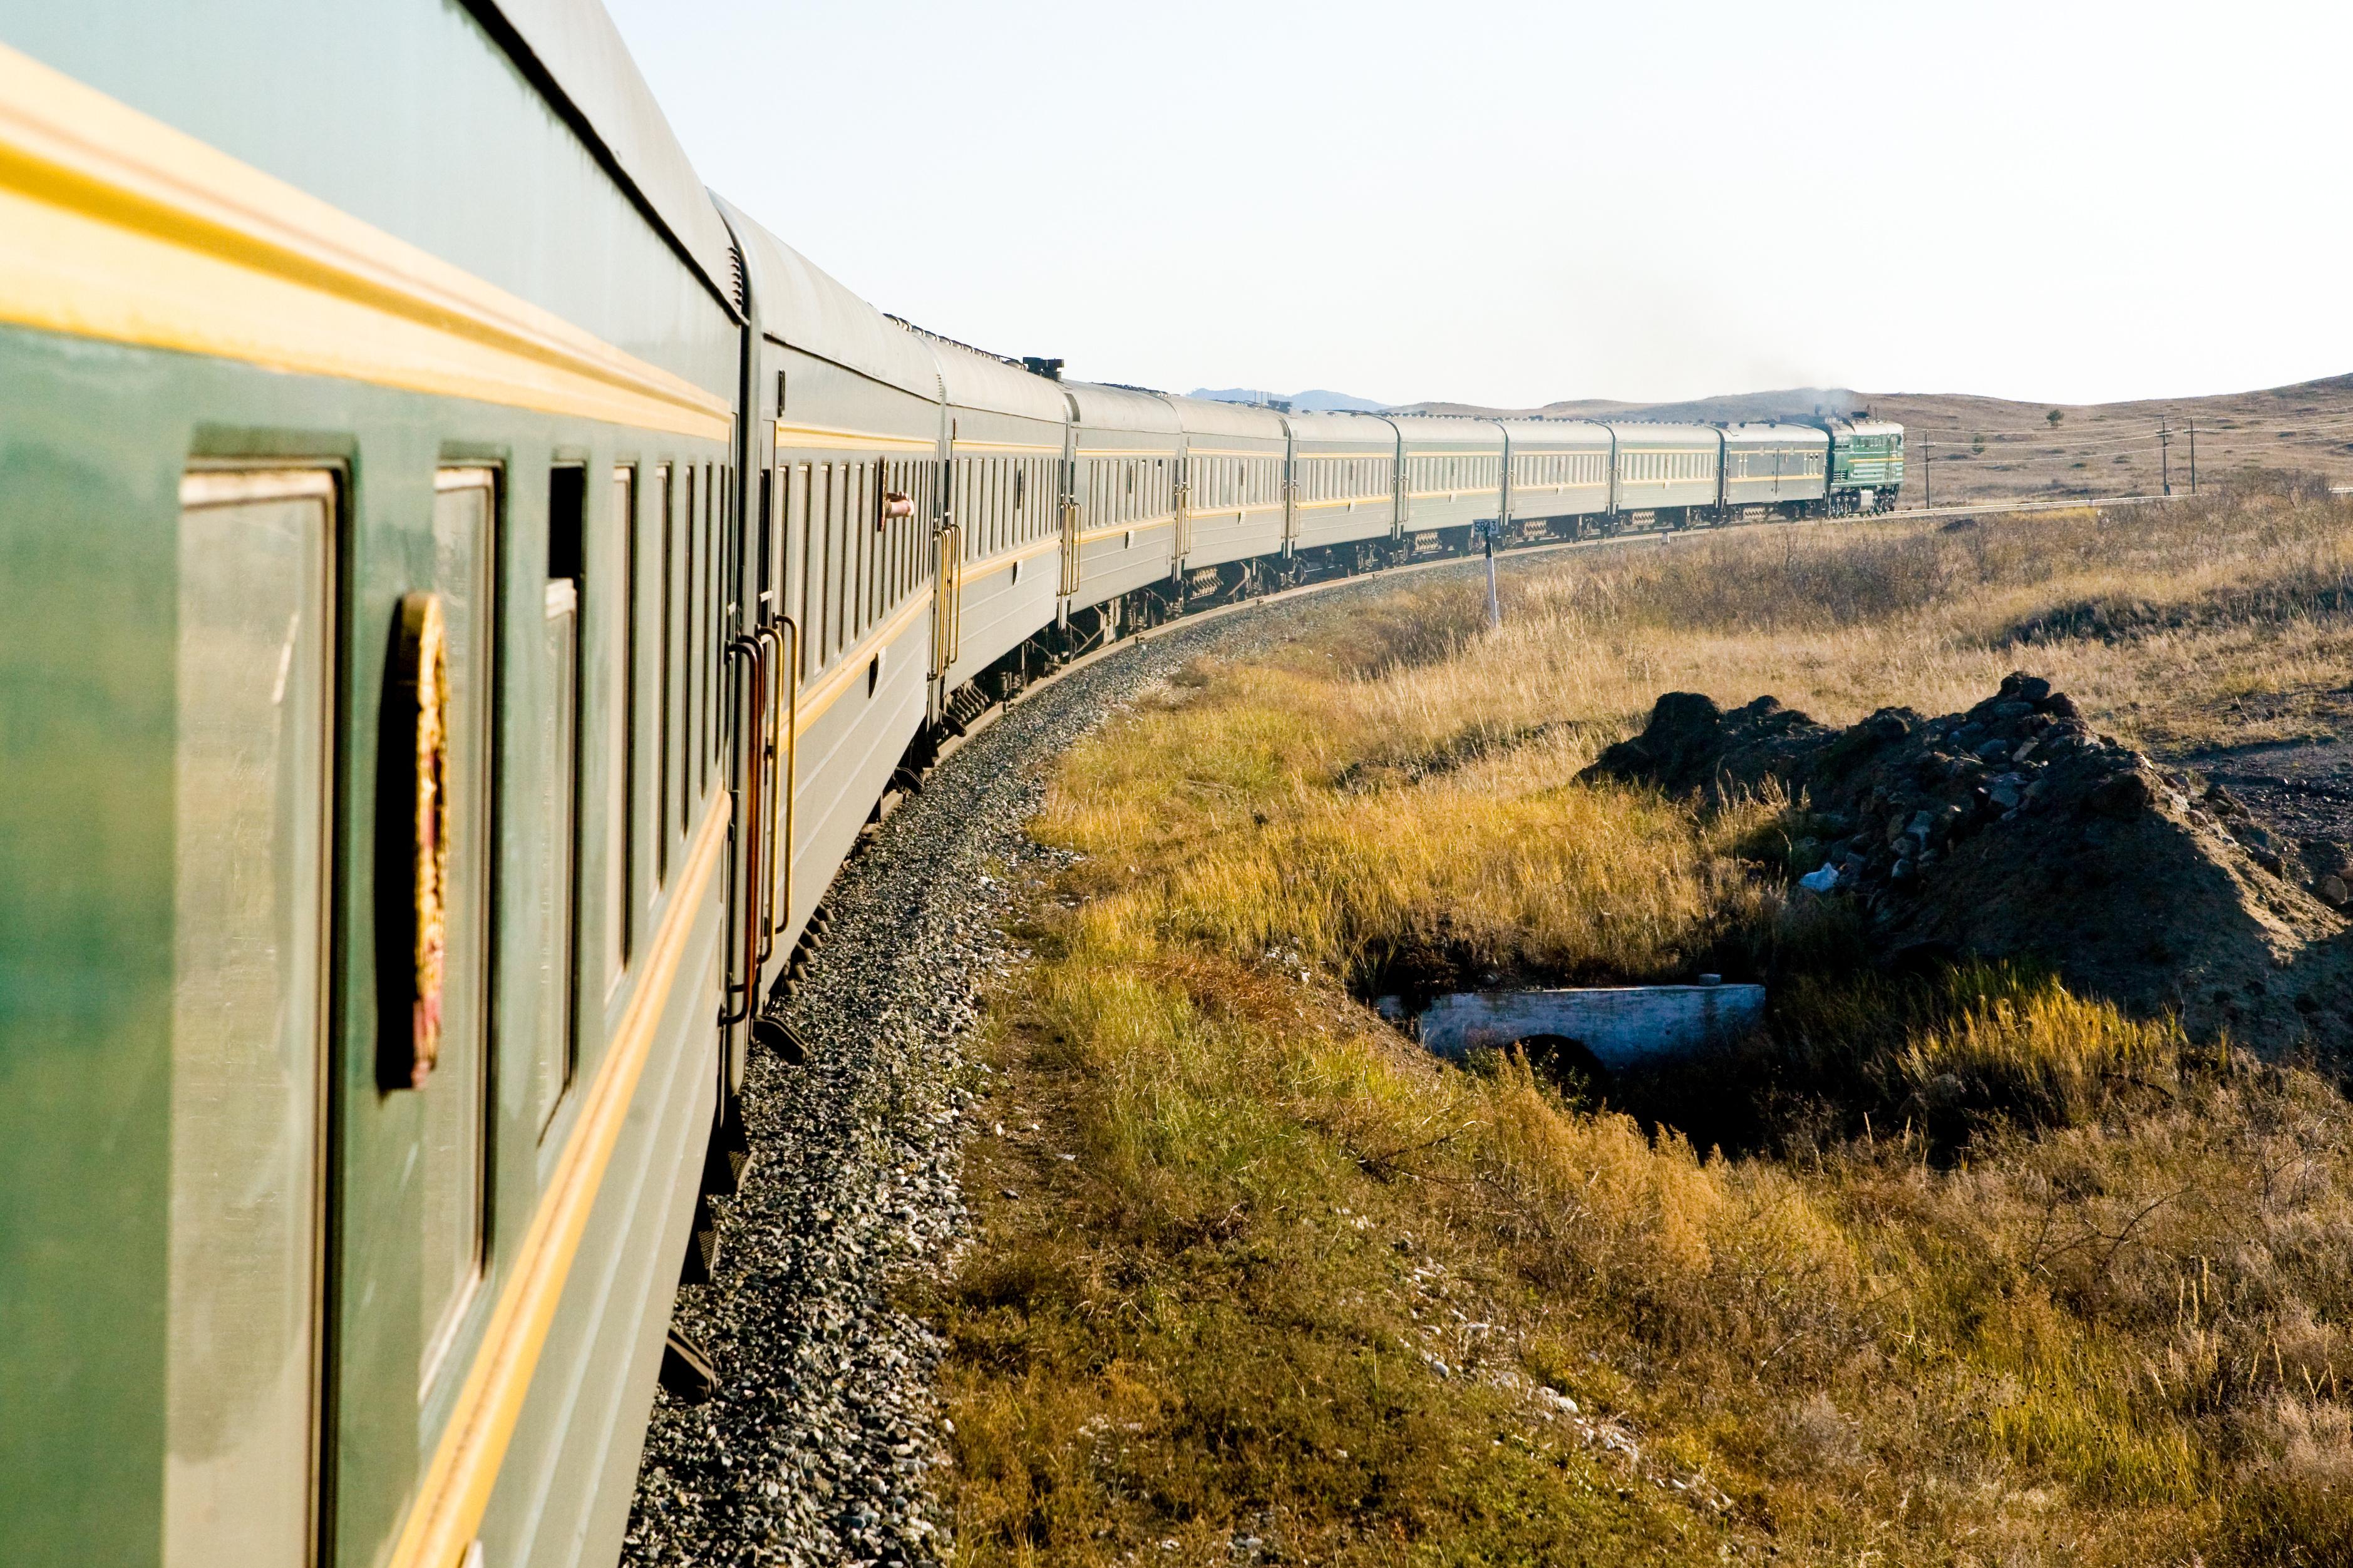 En train à travers la Russie soviétique